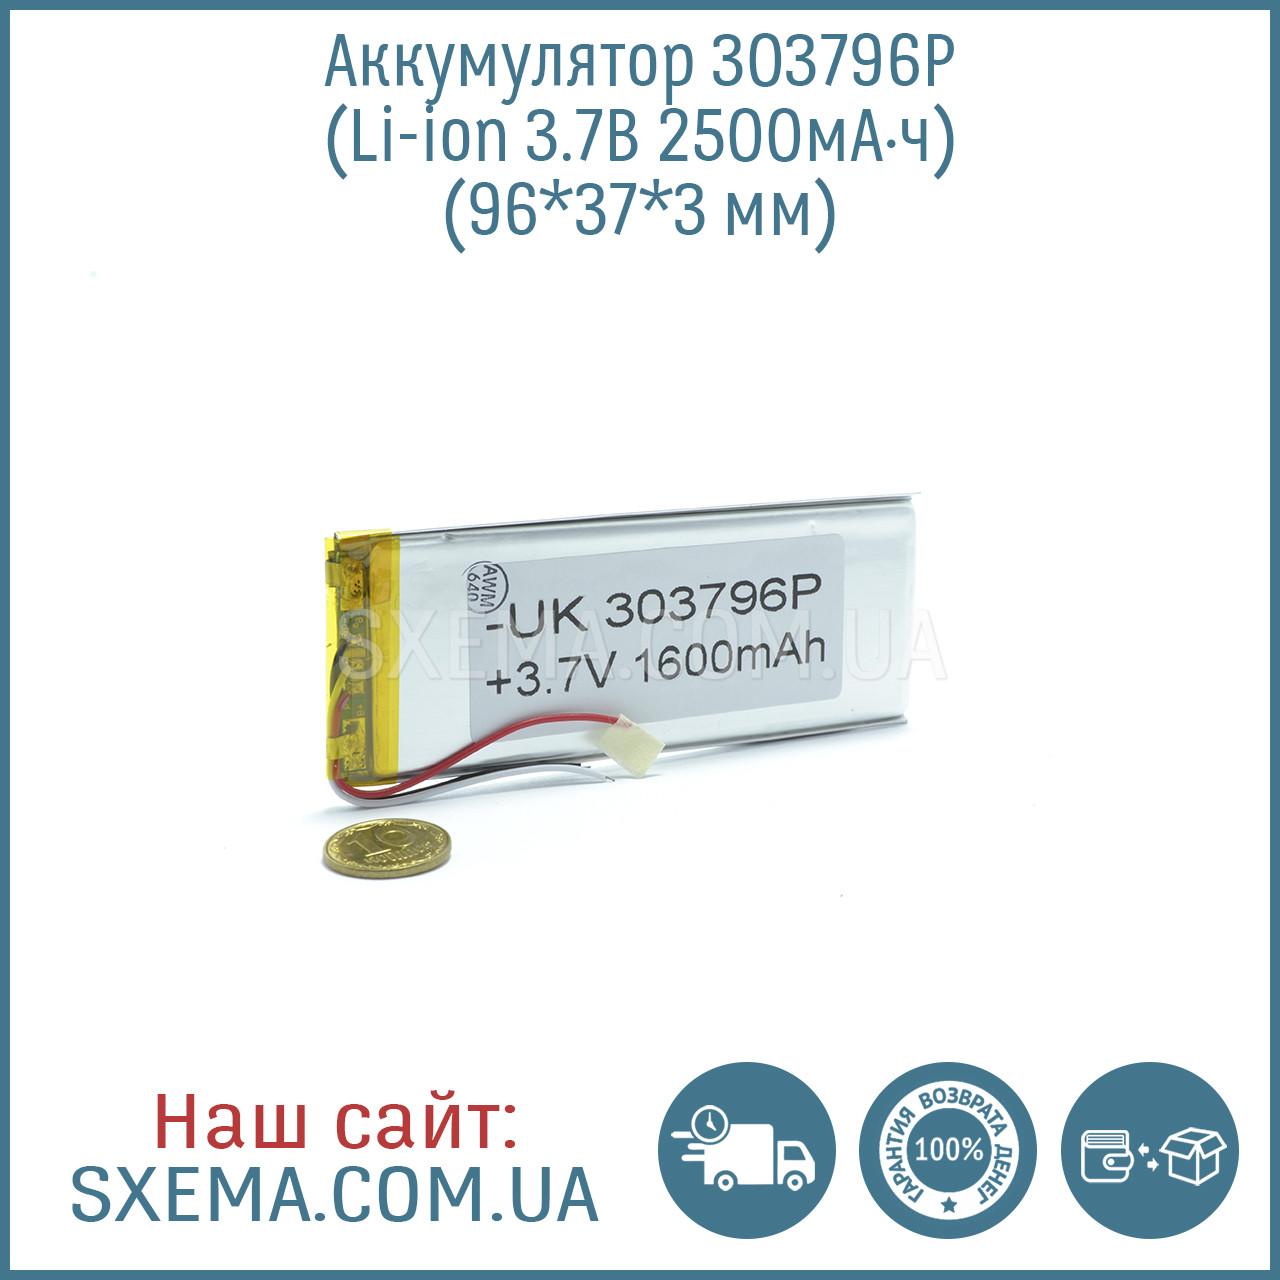 Аккумулятор универсальный 303796 (Li-ion 3.7В 2500мА·ч), (96*37*3 мм)